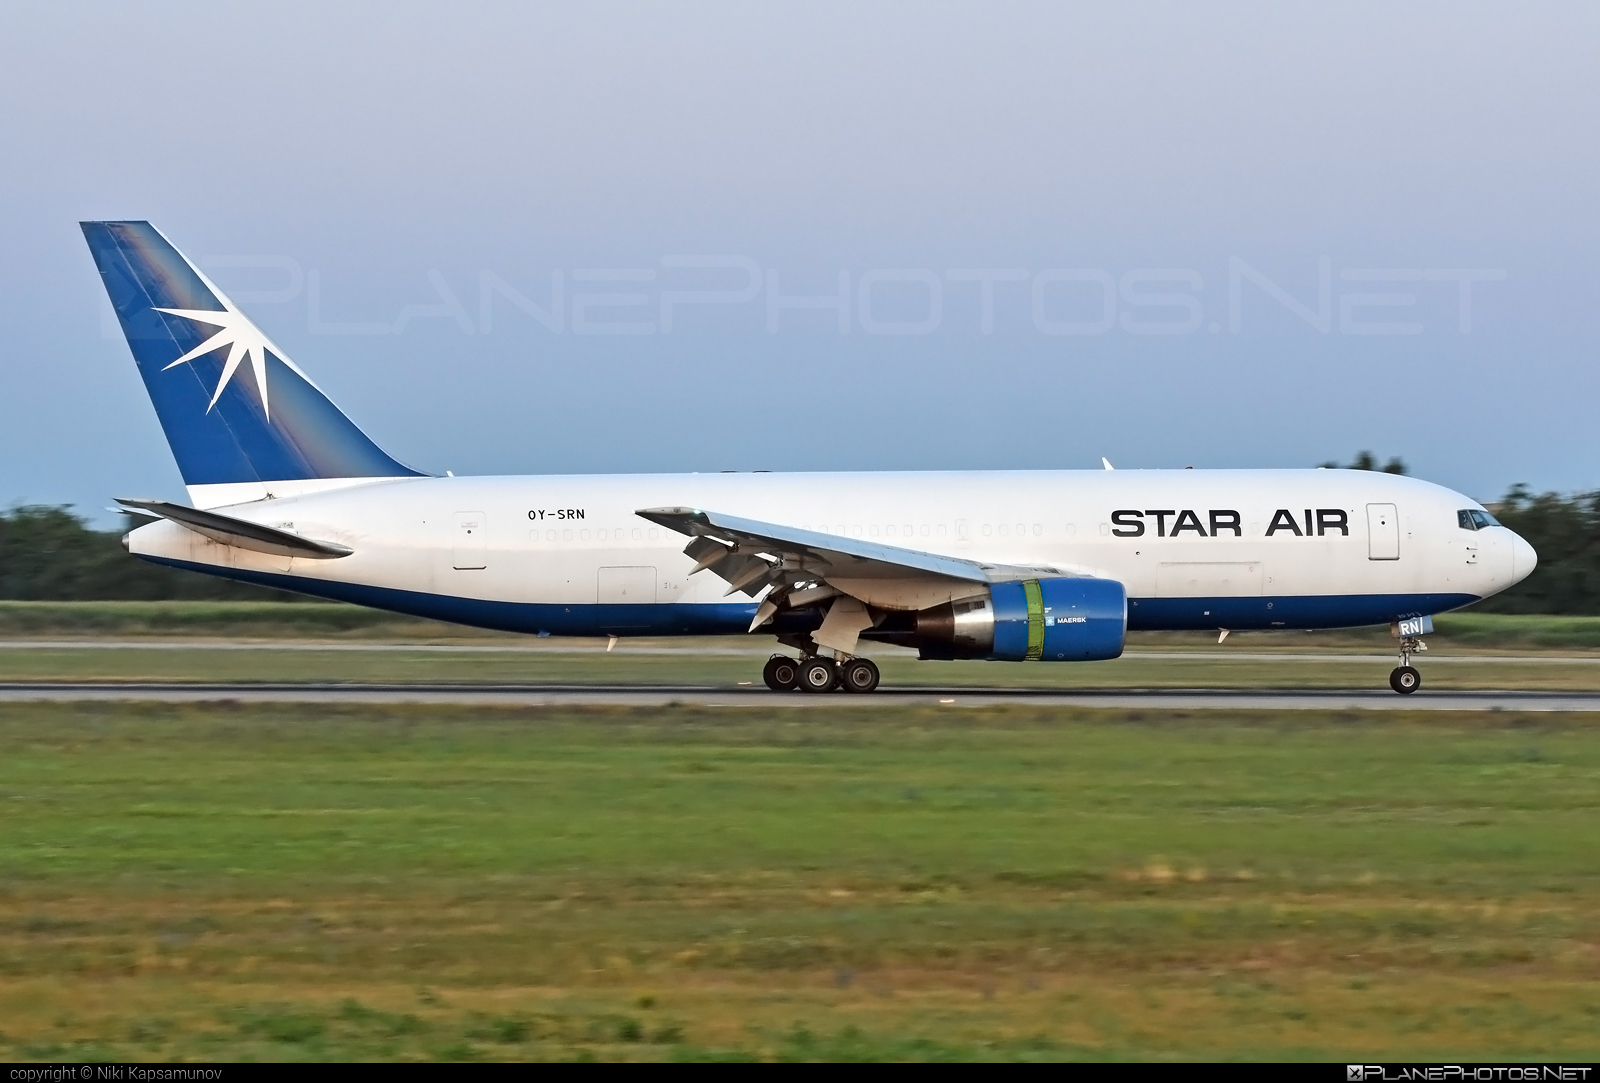 Boeing 767-200BDSF - OY-SRN operated by Star Air #b767 #b767200bdsf #b767bdsf #bedekspecialfreighter #boeing #boeing767